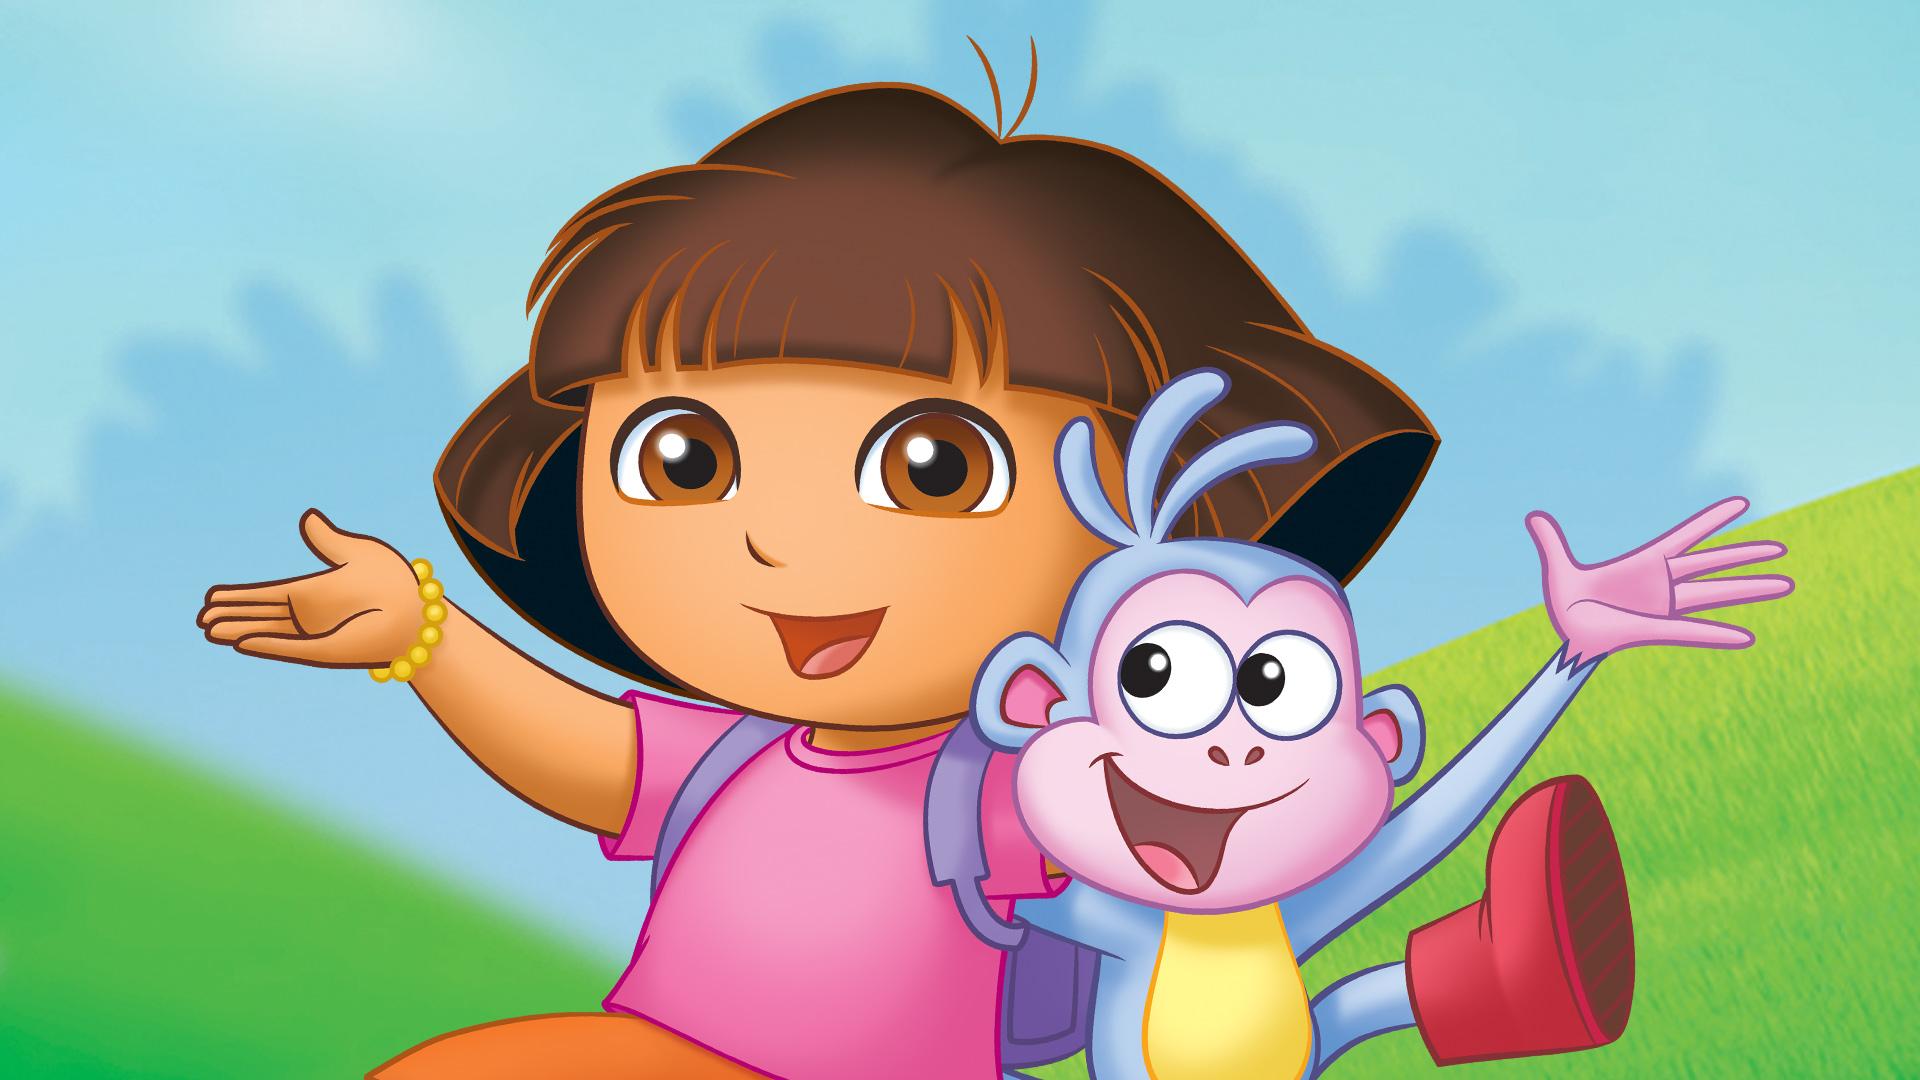 Dora the Explorer | Season 3 Episode 5 | Sky com